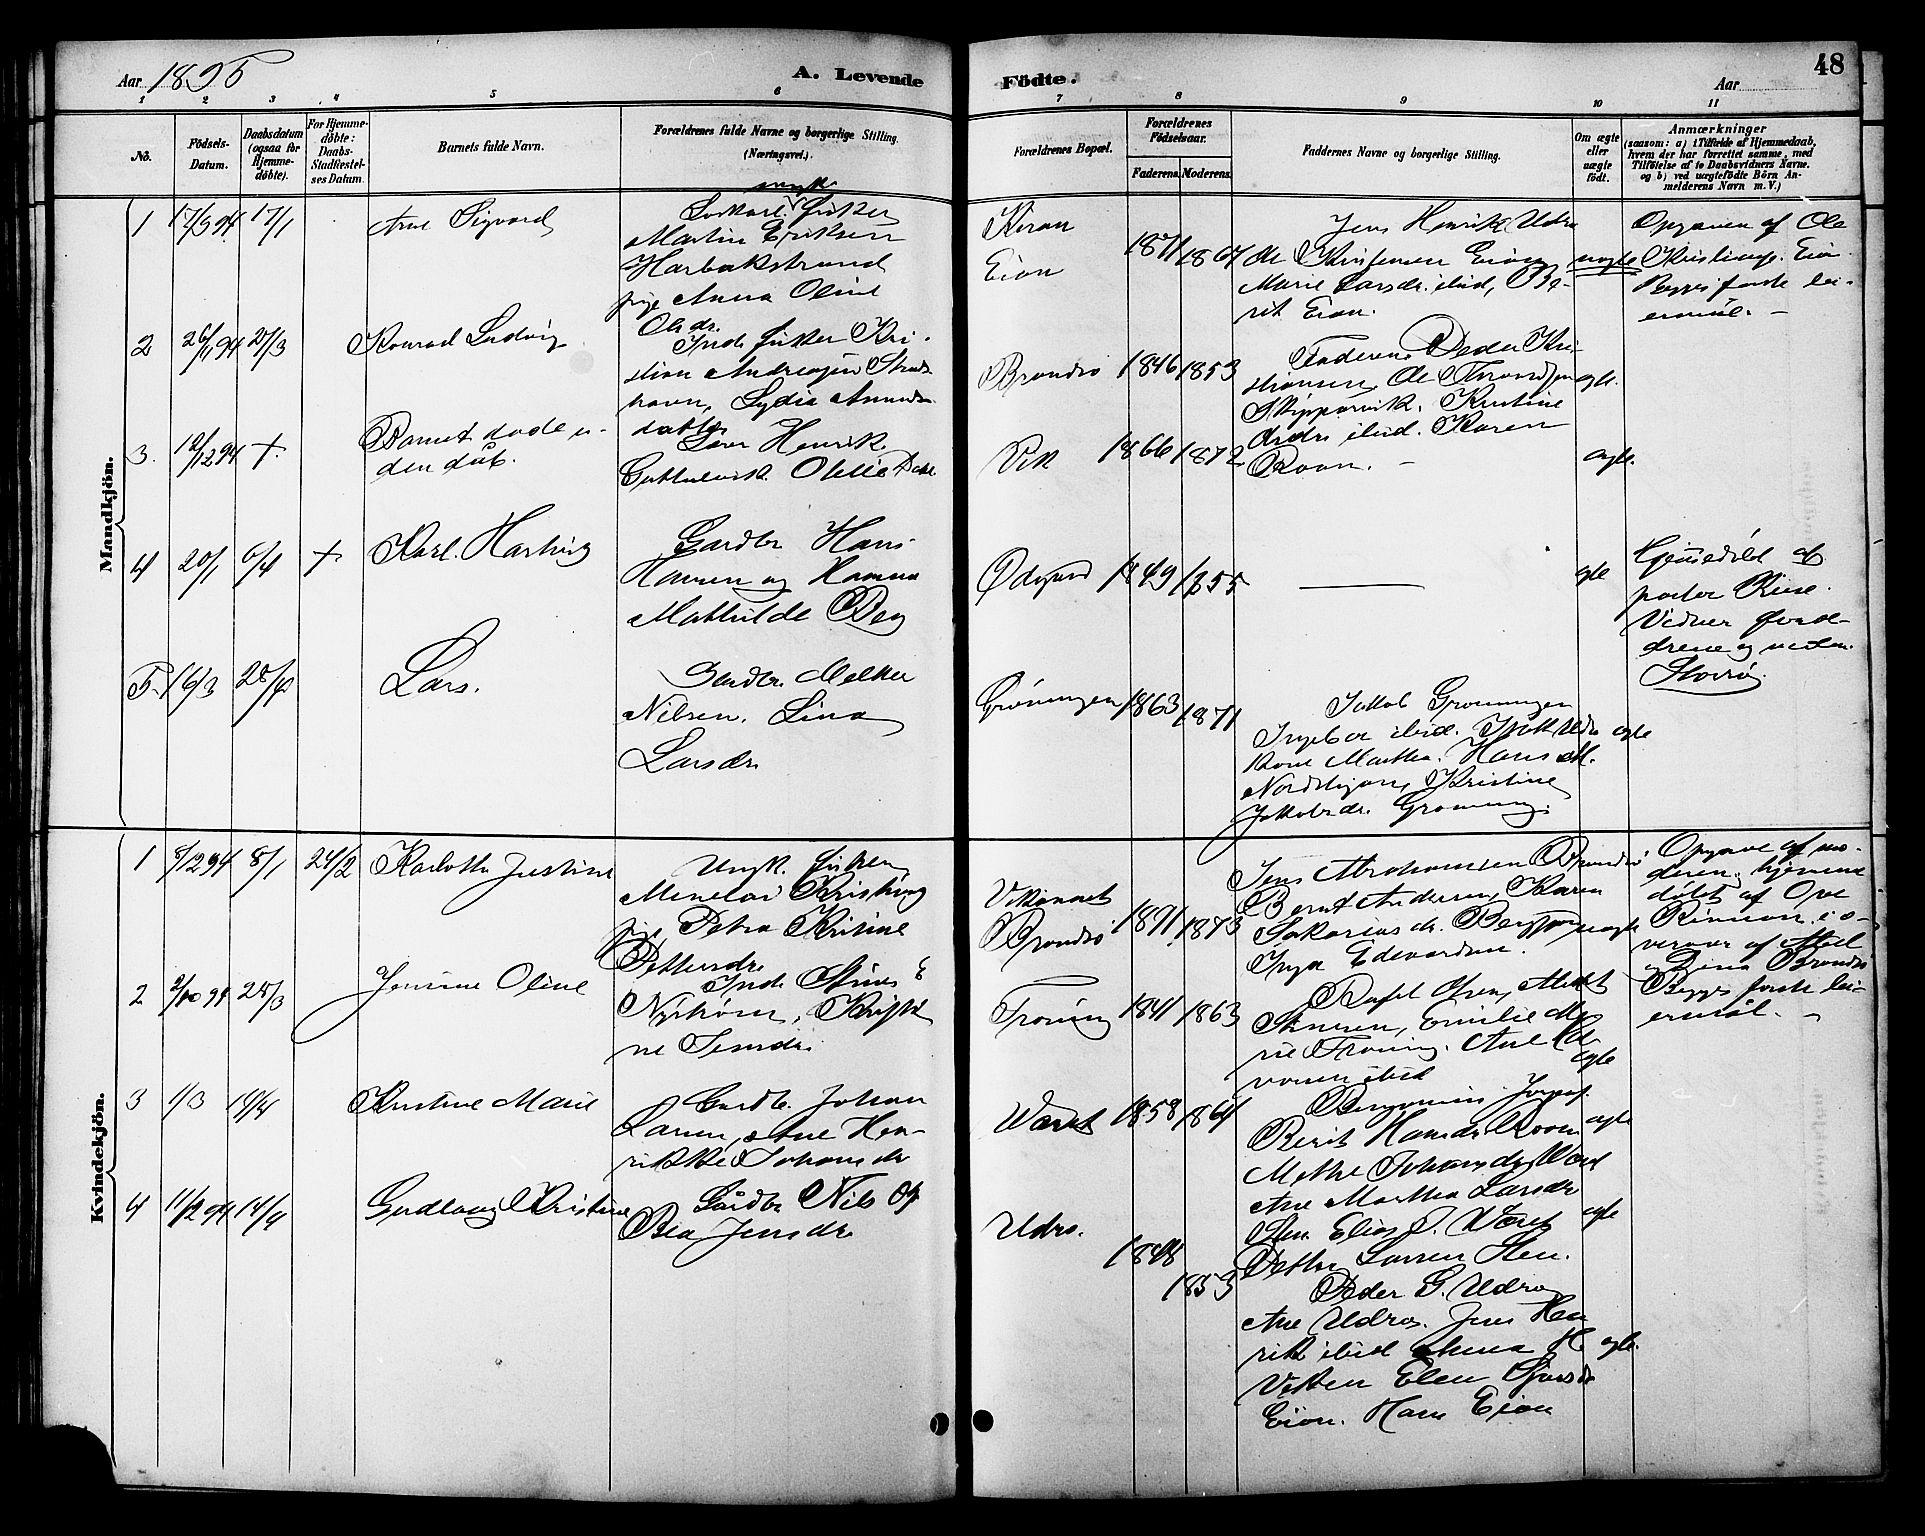 SAT, Ministerialprotokoller, klokkerbøker og fødselsregistre - Sør-Trøndelag, 657/L0716: Klokkerbok nr. 657C03, 1889-1904, s. 48